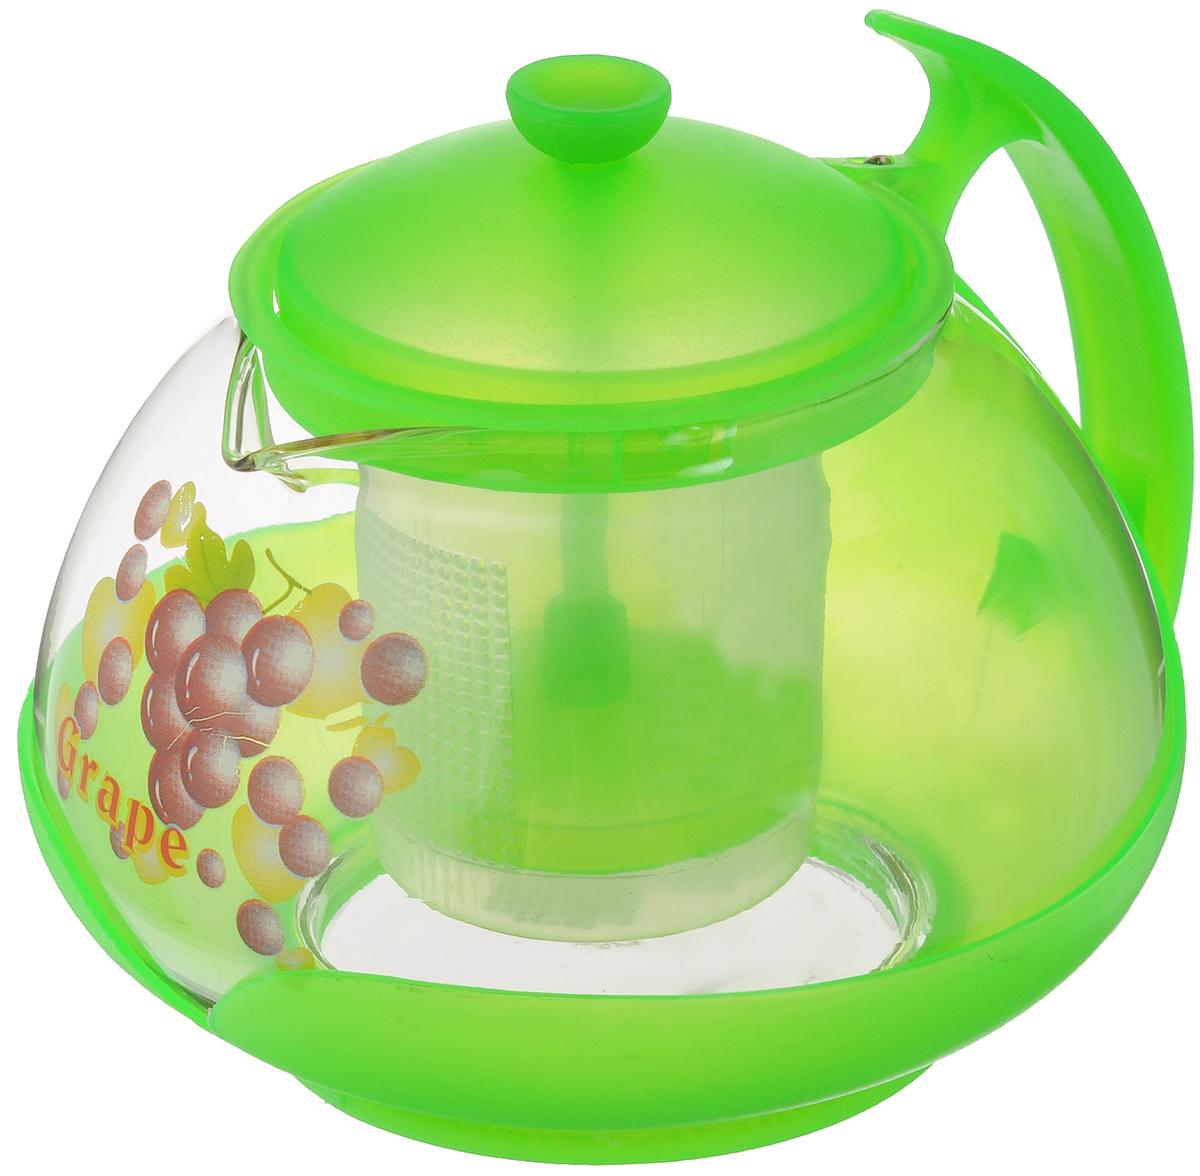 Чайник заварочный Mayer & Boch, с фильтром, цвет: прозрачный, салатовый, 700 мл. 2022FS-91909Заварочный чайник Mayer & Boch изготовлен из жаропрочного стекла и полипропилена. Изделие оснащено сетчатым фильтром из пищевого полипропилена (пластика), который задерживает чаинки и предотвращает их попадание в чашку, а прозрачные стенки дадут возможность наблюдать за насыщением напитка.Чай в таком чайнике дольше остается горячим, а полезные и ароматические вещества полностью сохраняются в напитке. Диаметр чайника (по верхнему краю): 8 см.Высота чайника (без учета крышки): 9,5 см.Высота фильтра: 6,5 см.